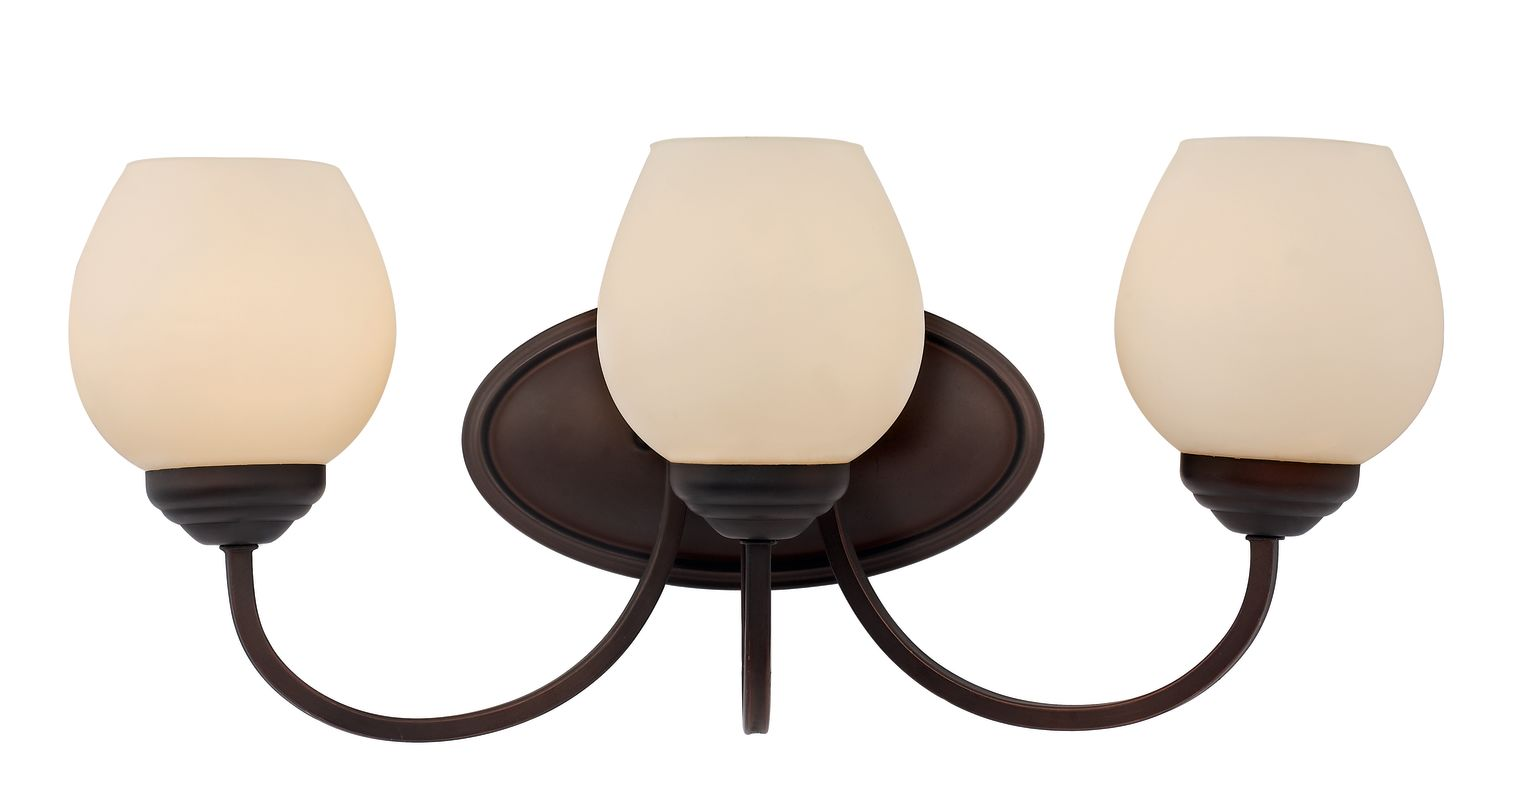 Trans Globe Lighting 70533 Clarissa 3 Light Bathroom Vanity Light